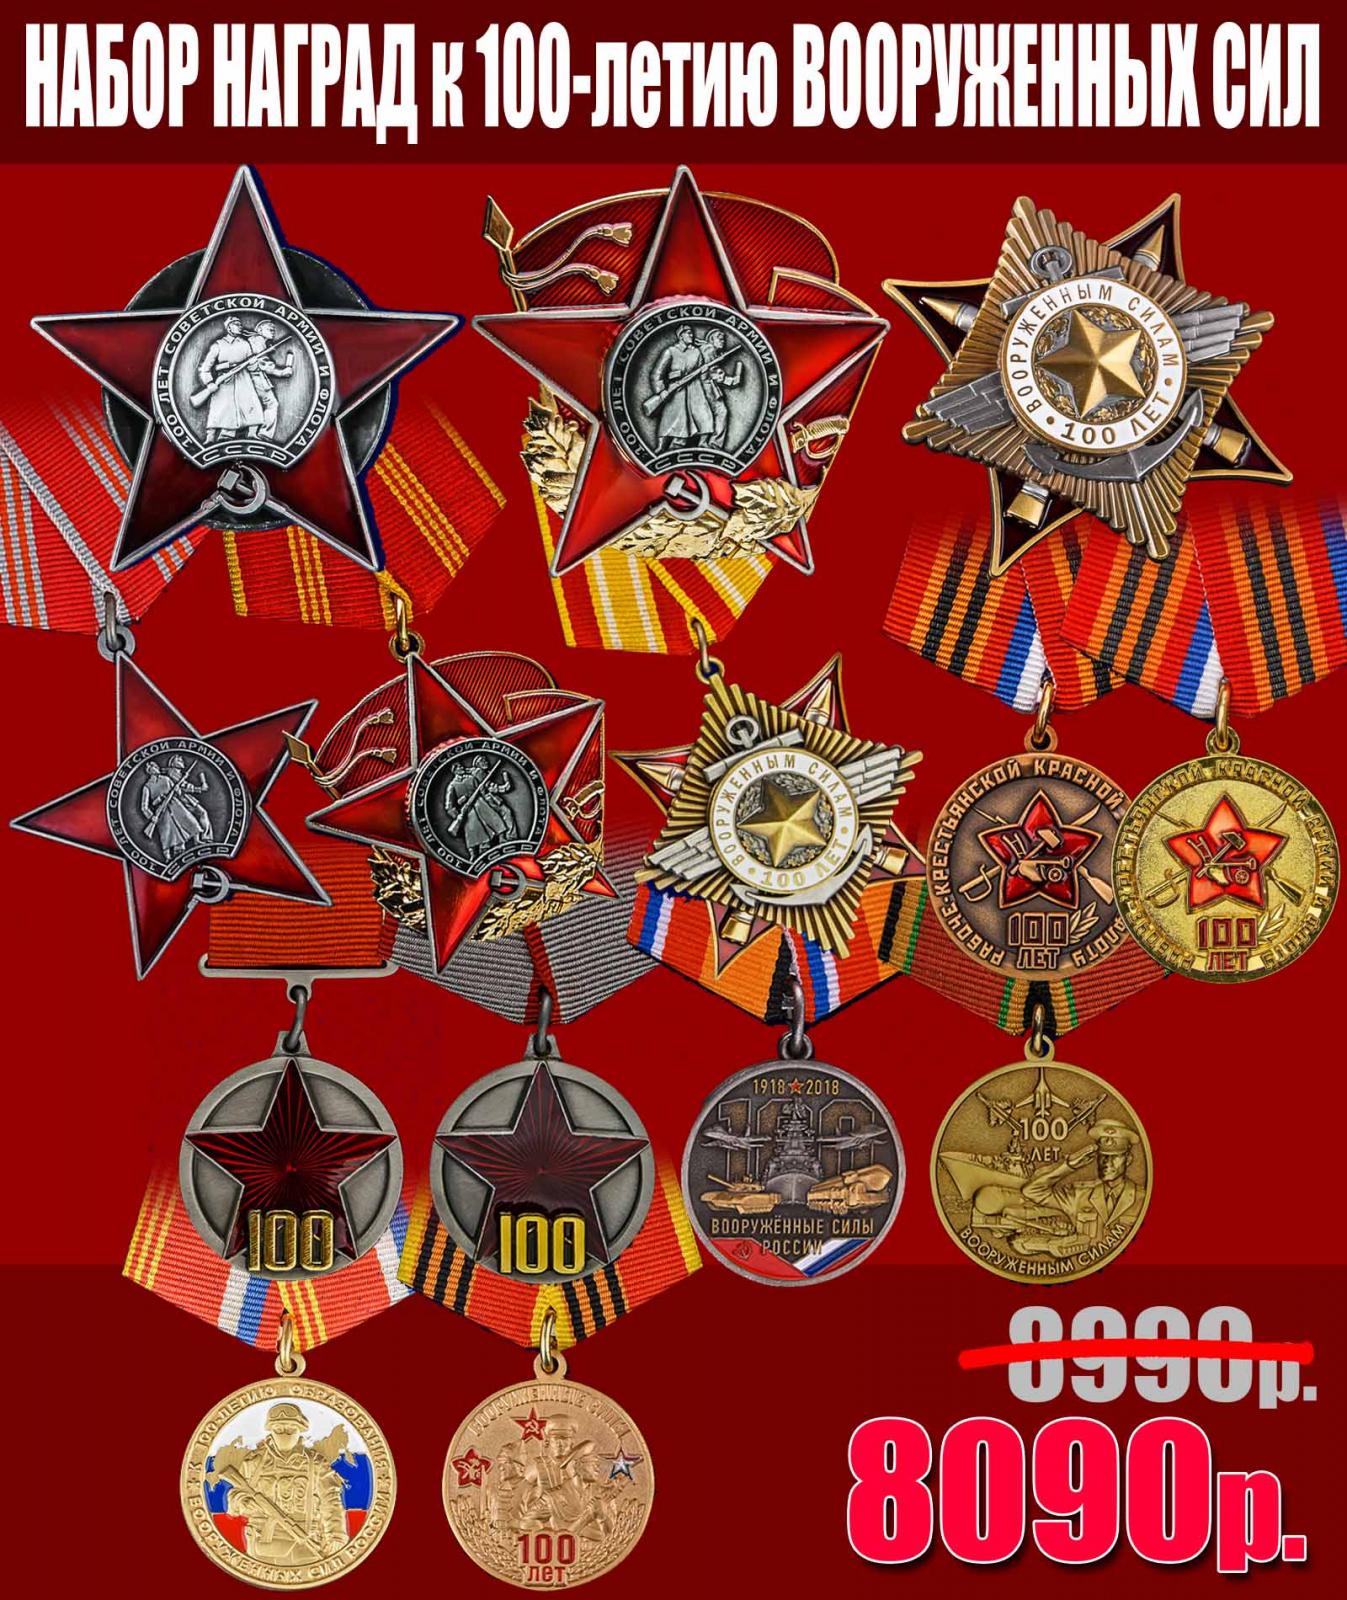 Лучшие юбилейные награды к 100-летию ВС РФ – полный набор